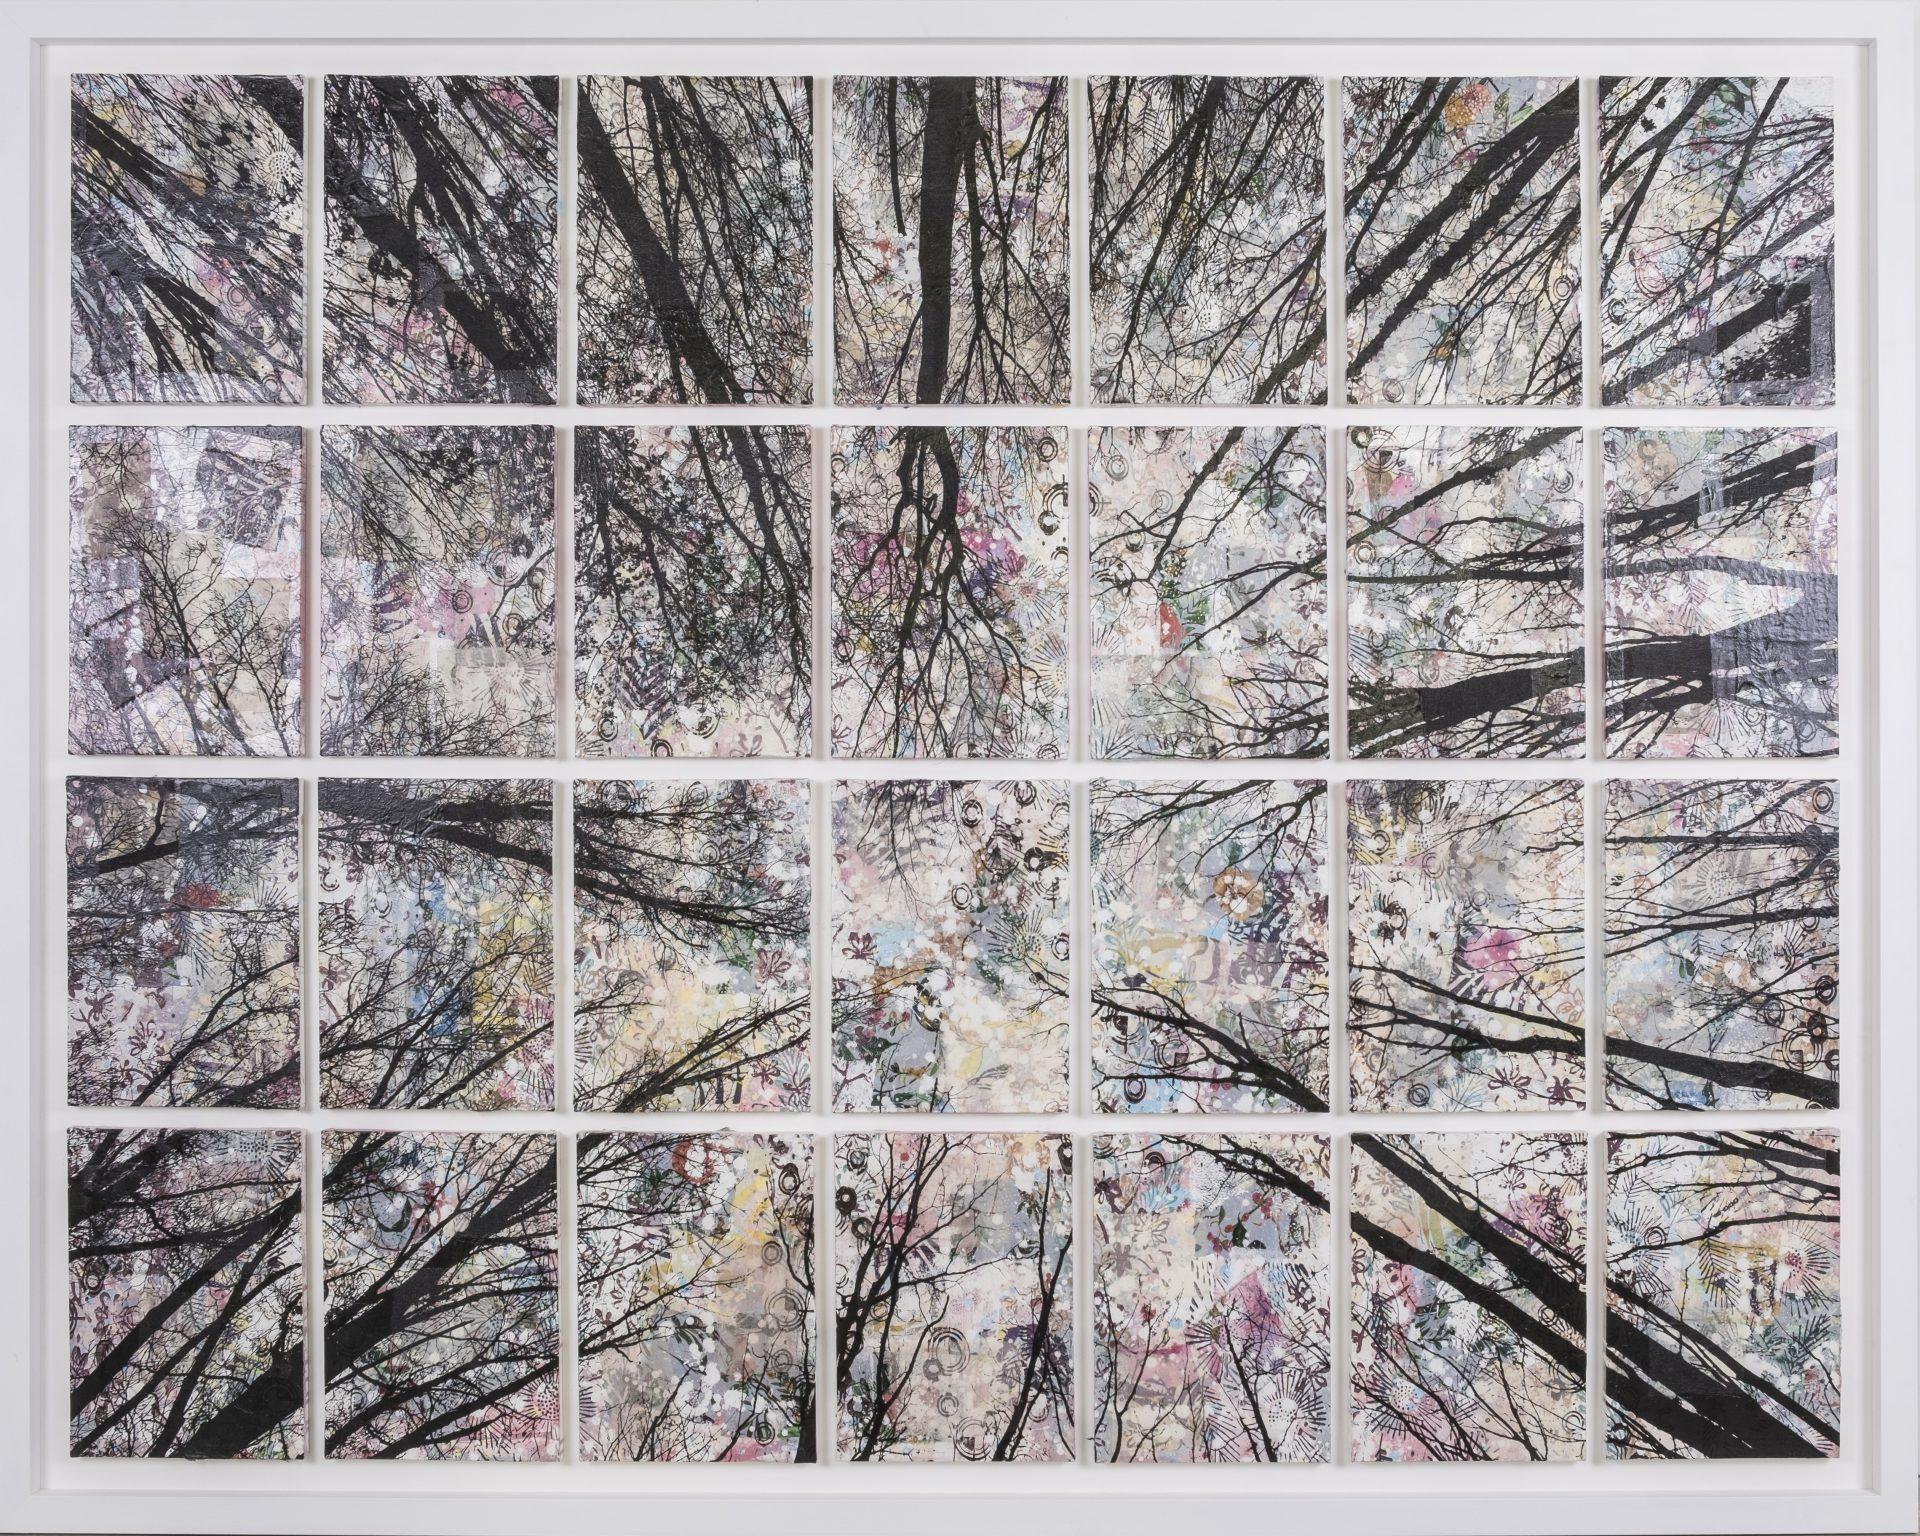 """Latitudine 44.048583 Longitudine 10.808877<br>MFL04<br>misure: 204 x 163 cm<br>tecnica: Acrilico su tela<br>anno: 2018<br><br><span style=""""color:red"""">NON DISPONIBILE</span>"""